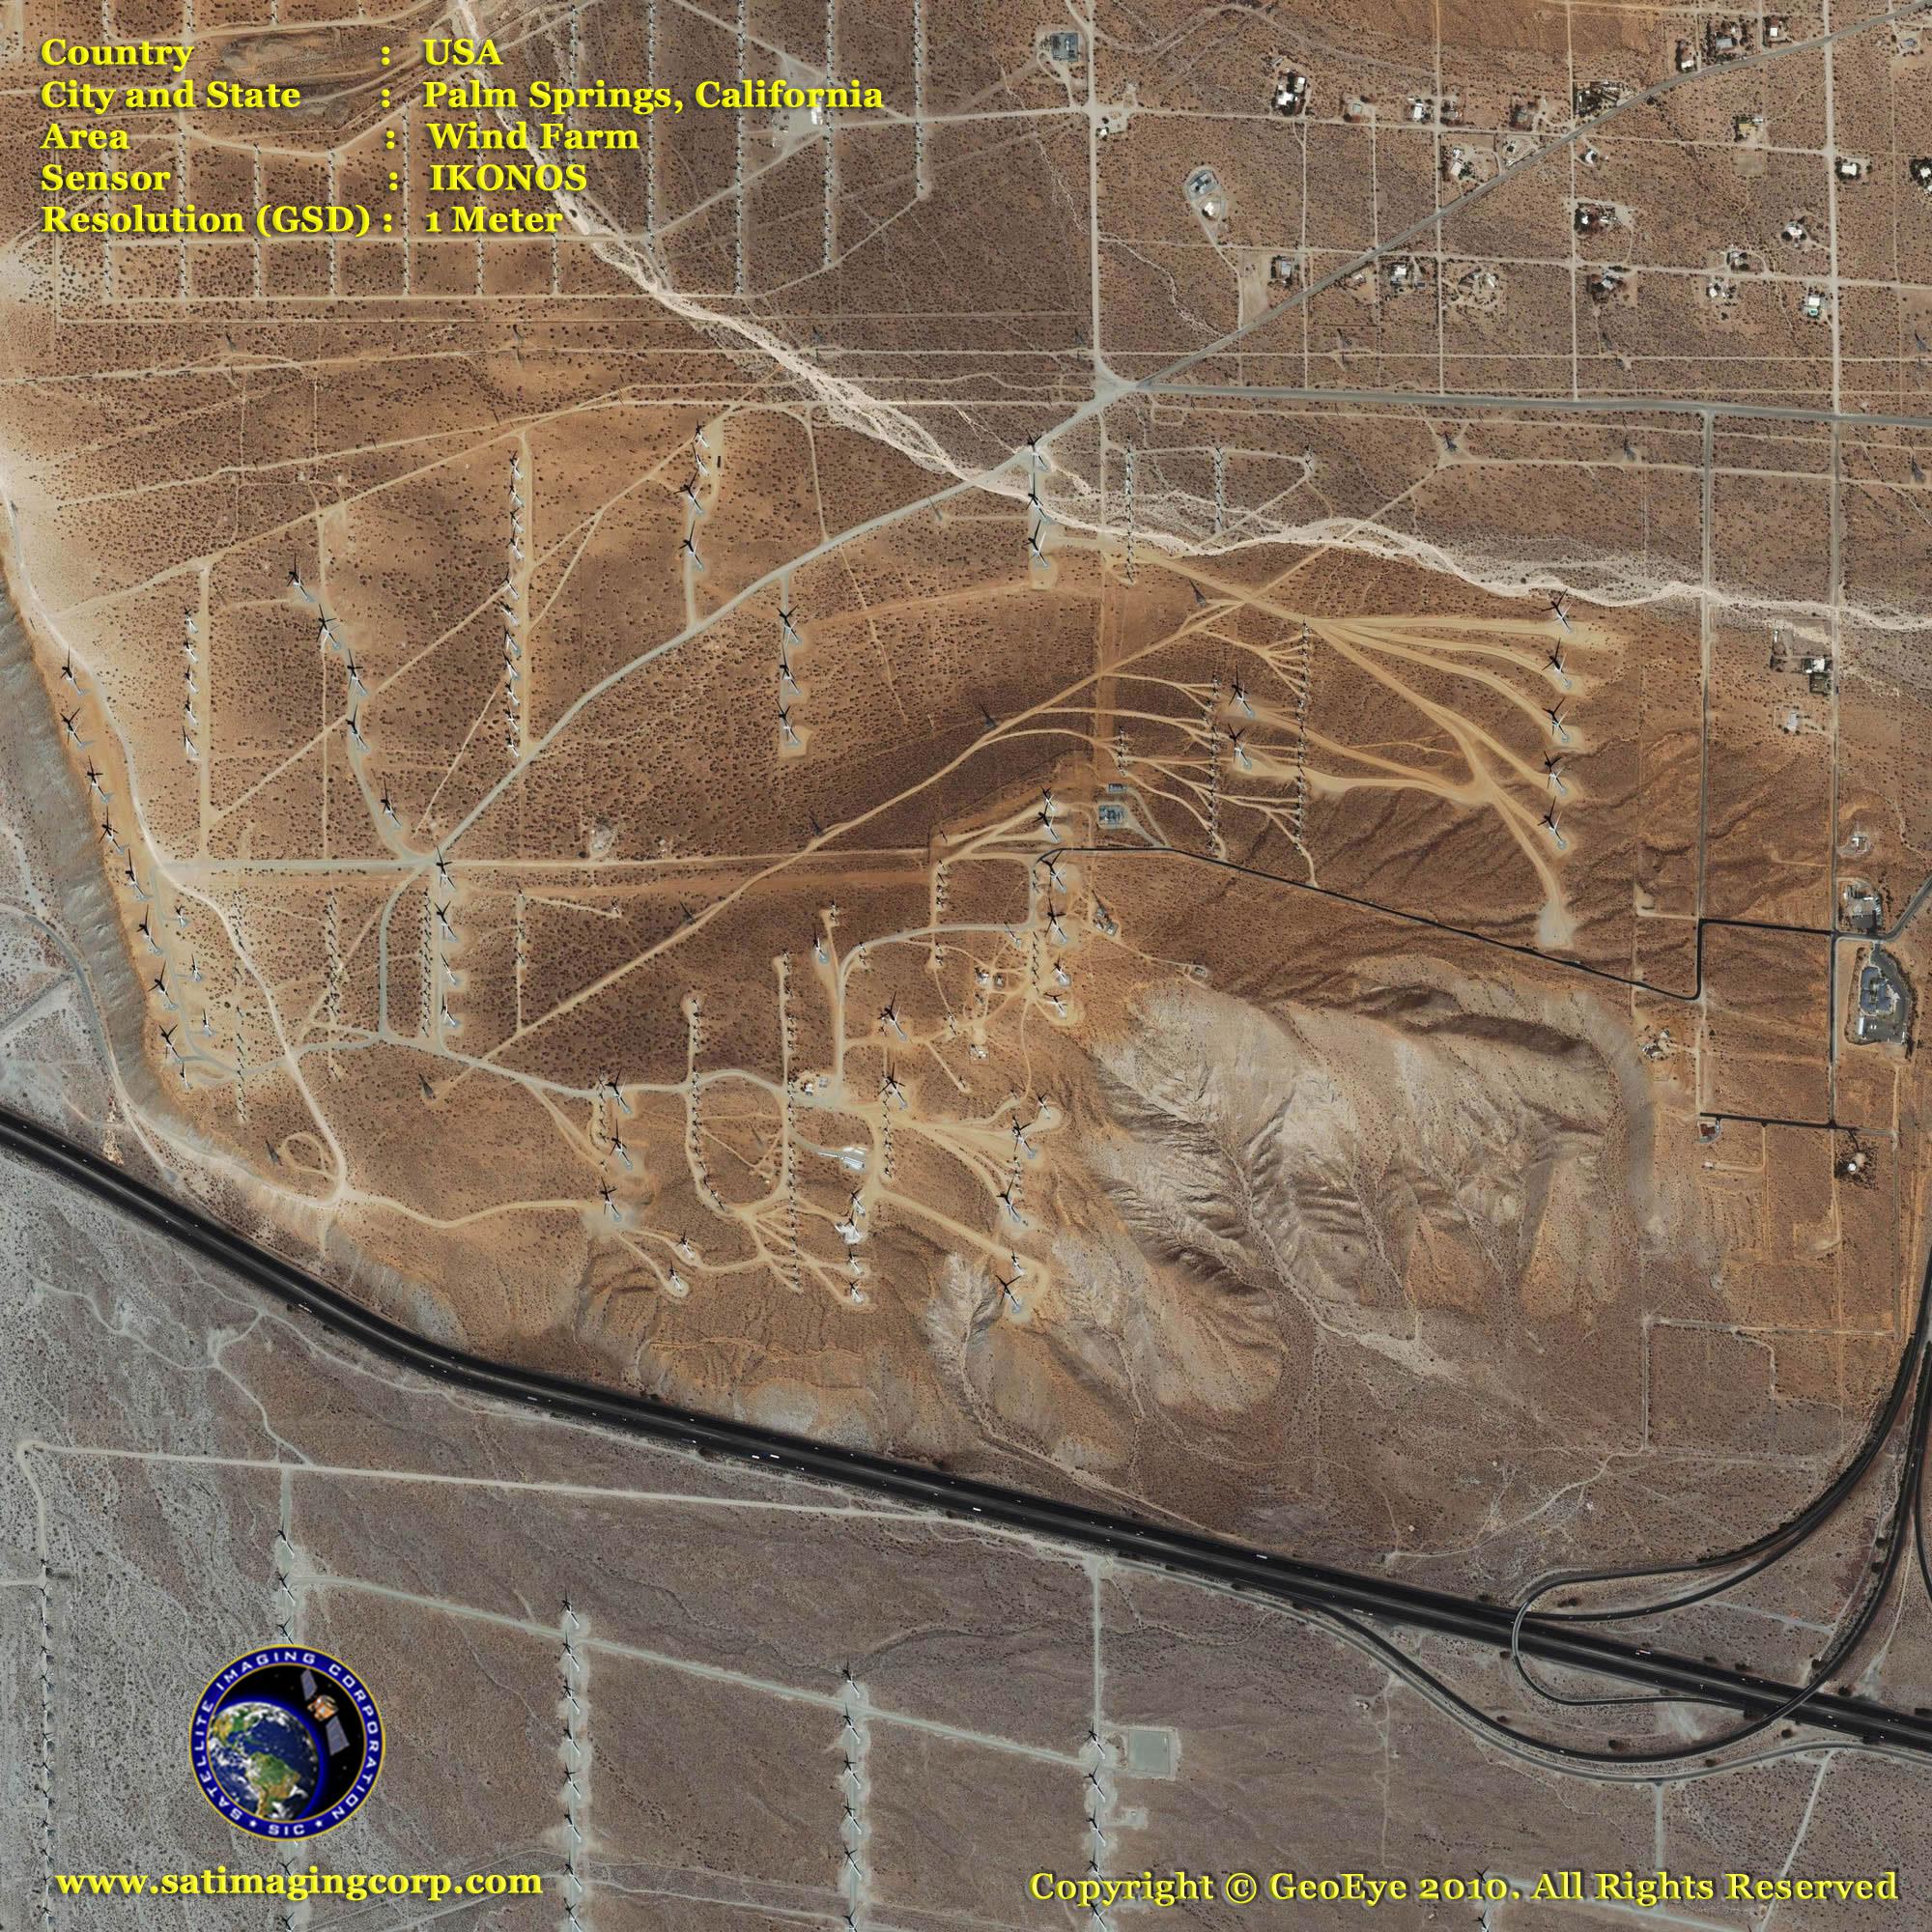 ikonos satellite image wind energy farm satellite